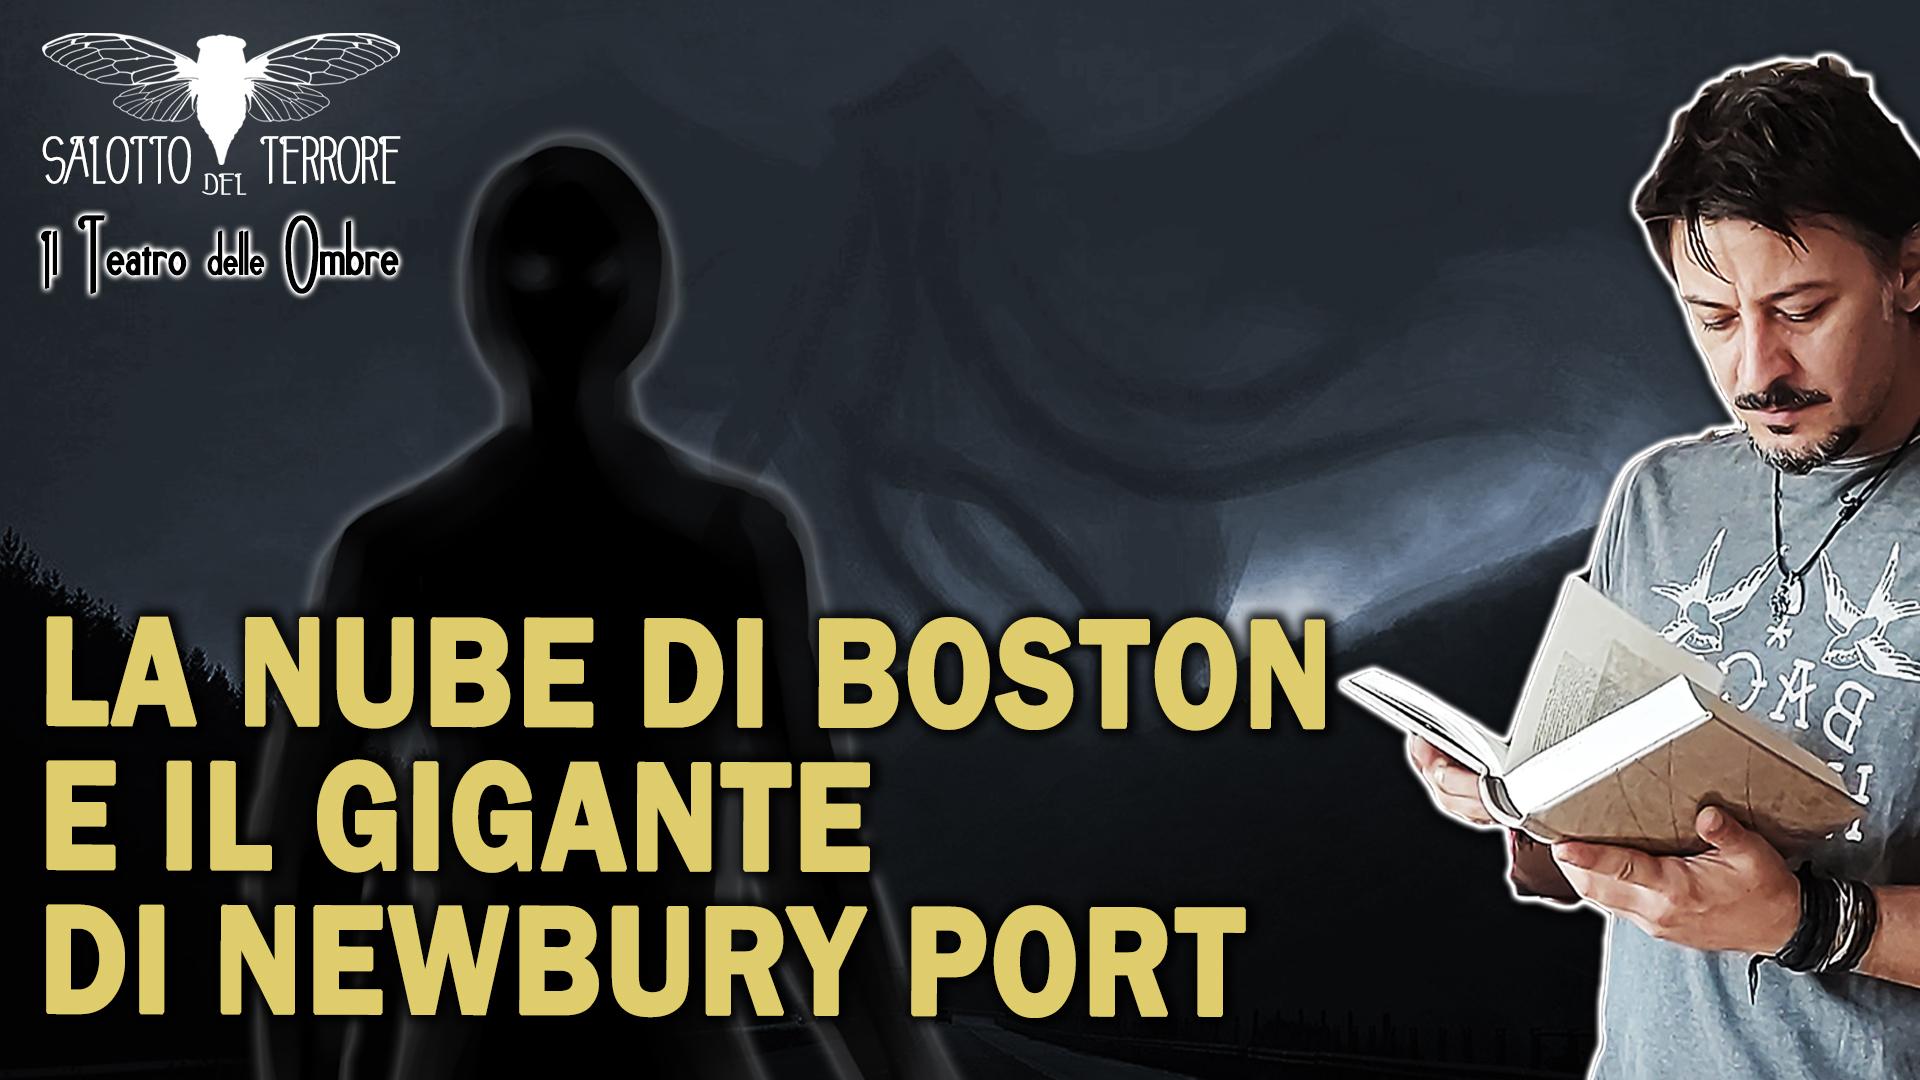 La nube di Boston e il gigante di Newbury port